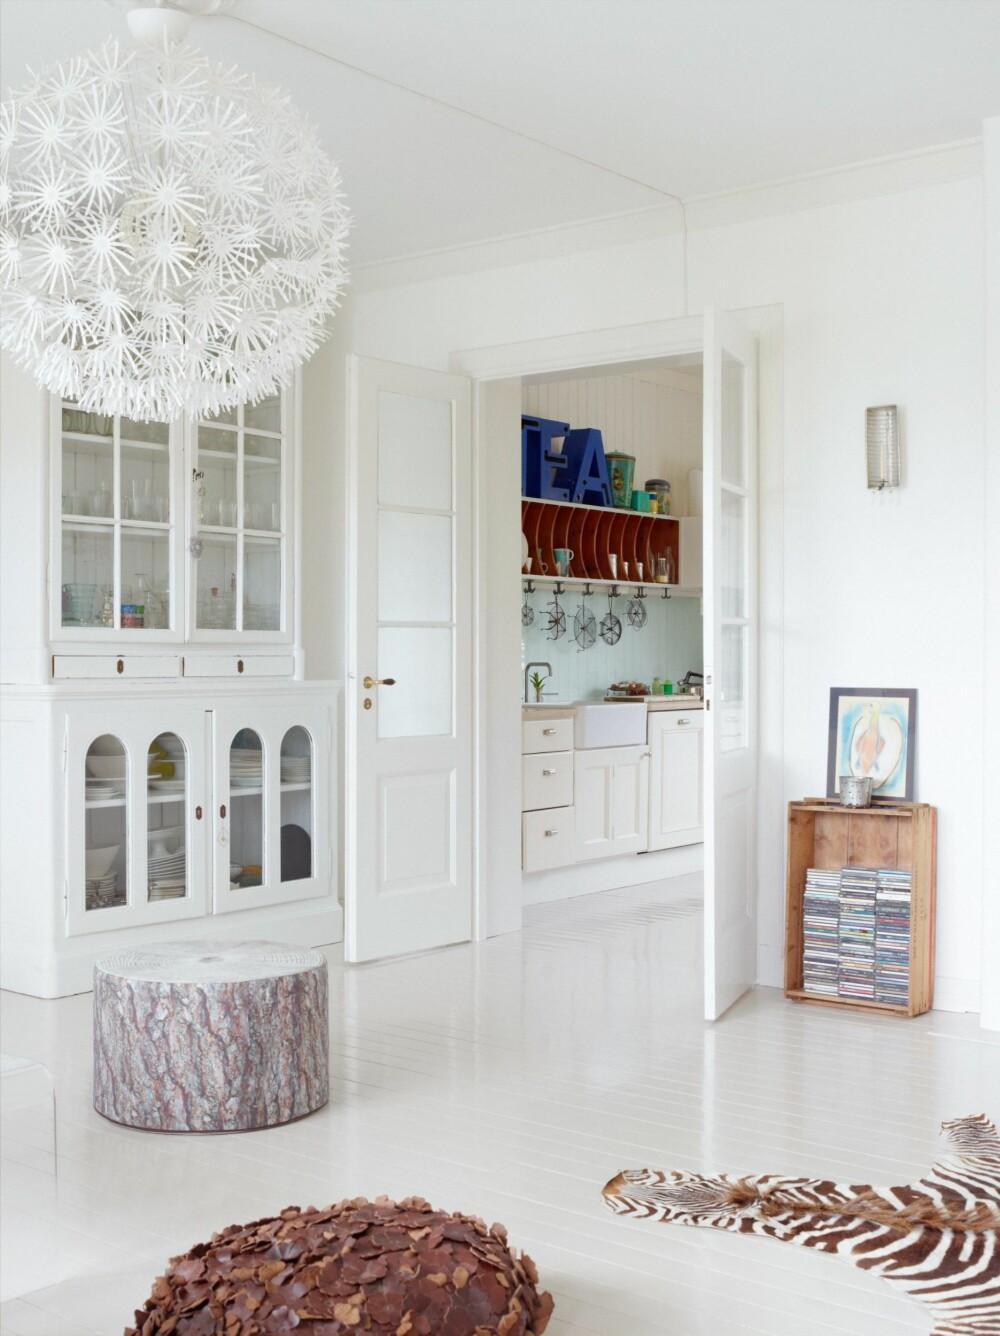 KONTAKT MED KJØKKENET: Fra stuen har man god kontakt med kjøkkenet. Vitrineskapet er kjøpt på finn.no, puffen med furumønster er fra Ygg&lyng, mens taklampen er fra Ikea.